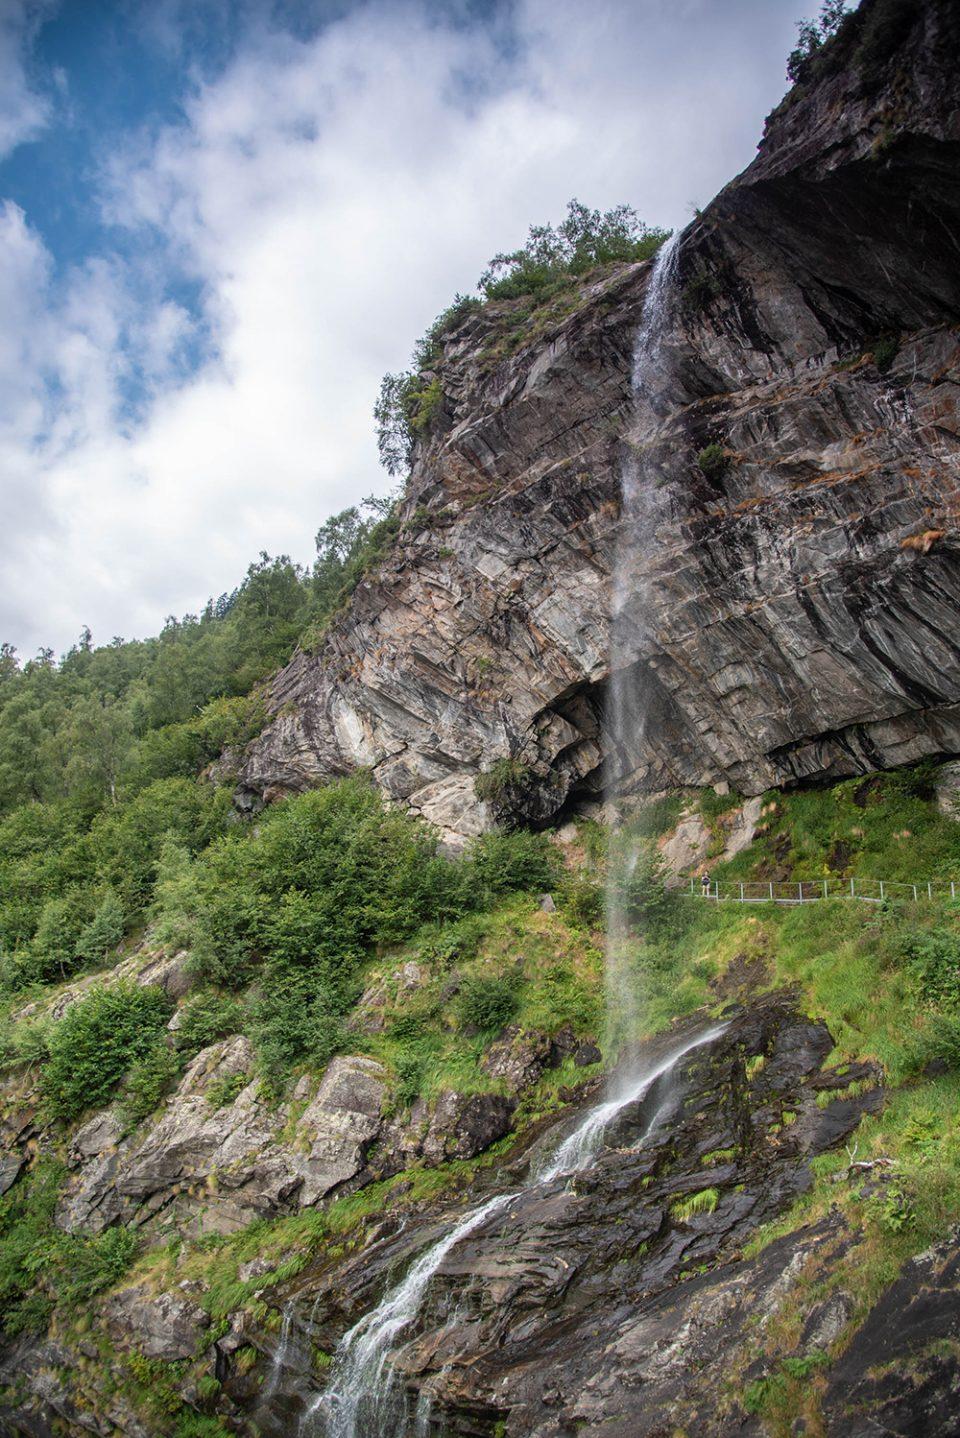 Cascata lago di antrona - valle antrona - antronapiana - cascata di sajont - lago antrona